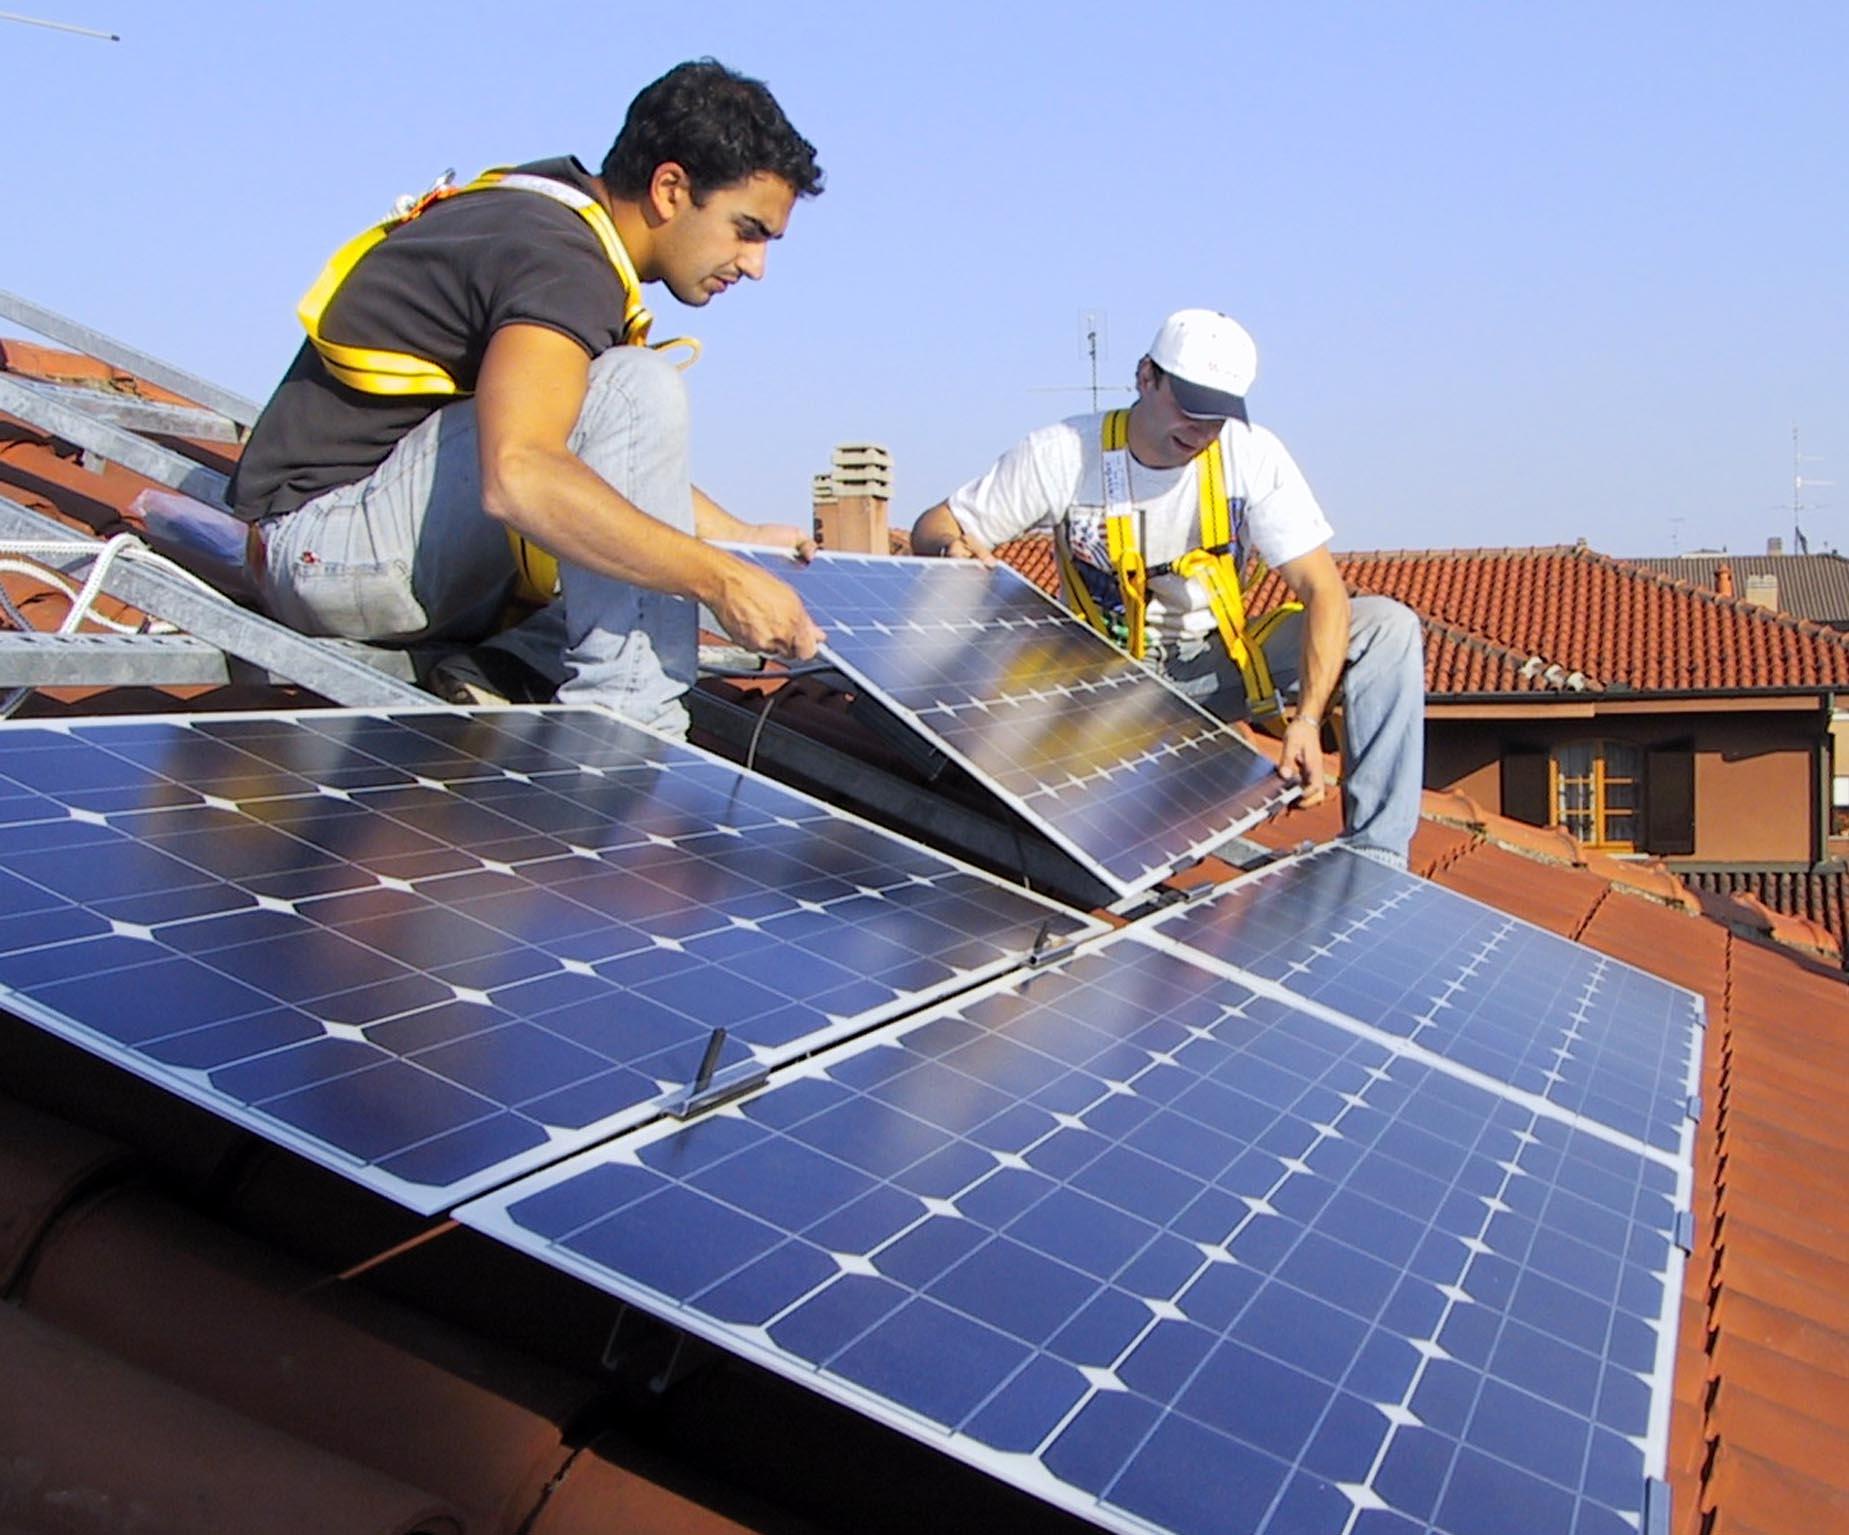 Fotovoltaico secondo l agenzia delle entrate c la for Agenzia delle entrate risparmio energetico